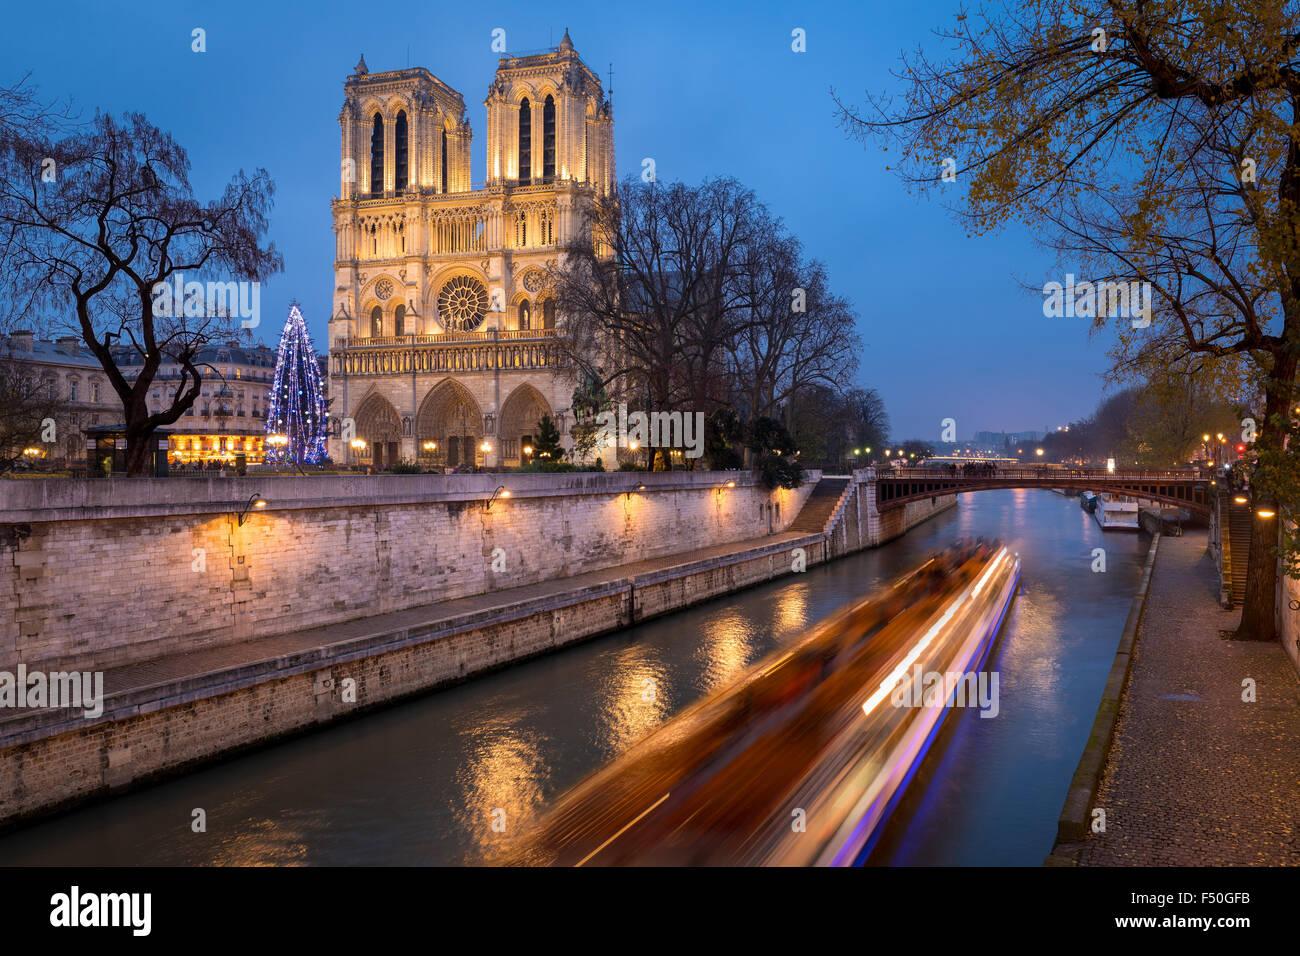 Notre Dame de Paris Cathedral e albero di Natale Illuminazione in serata con il Fiume Senna, Ile de la Cite, Parigi, Immagini Stock